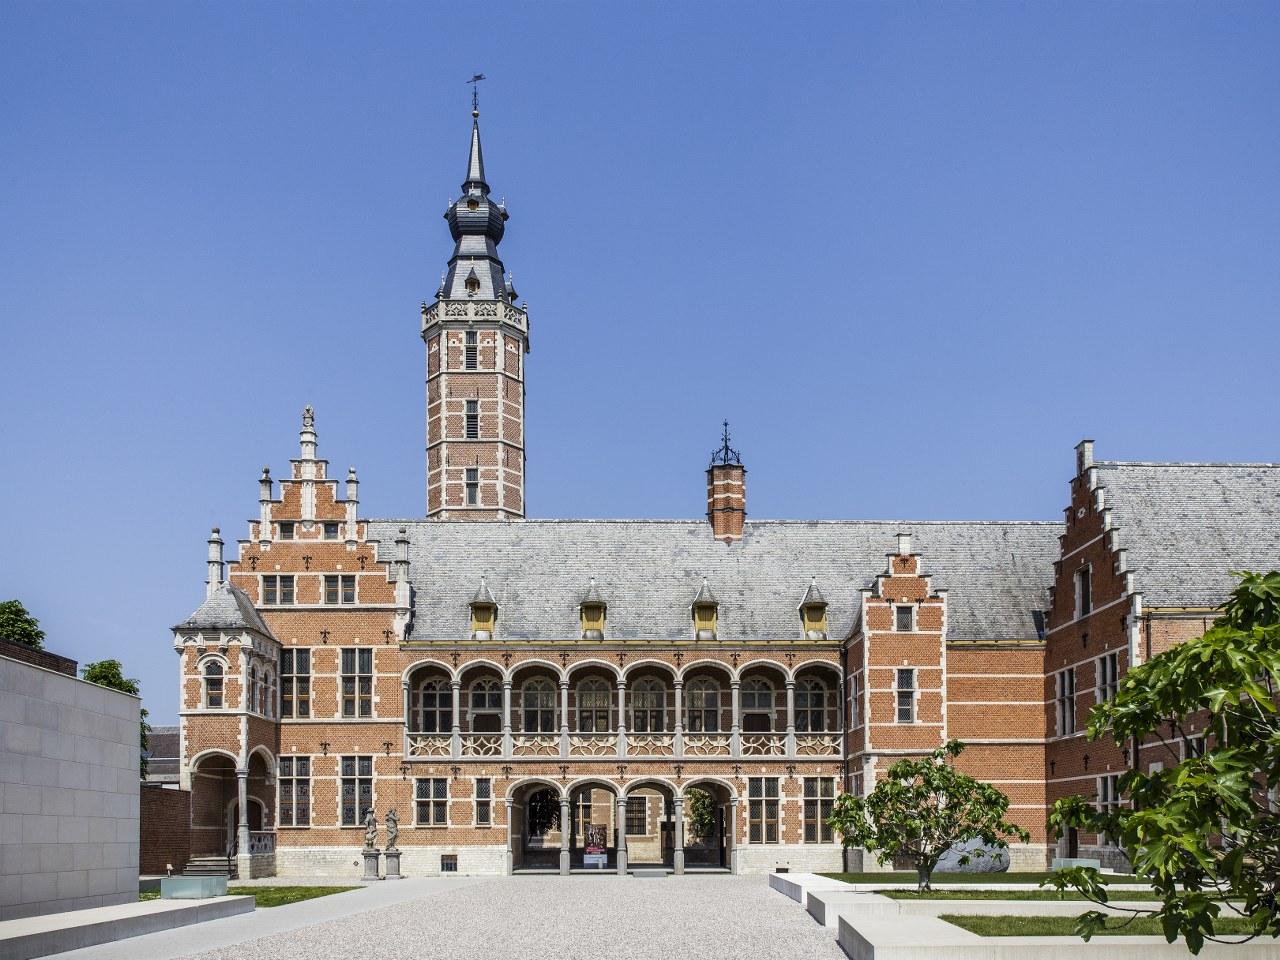 The Museum Hof van Busleyden in Mechelen